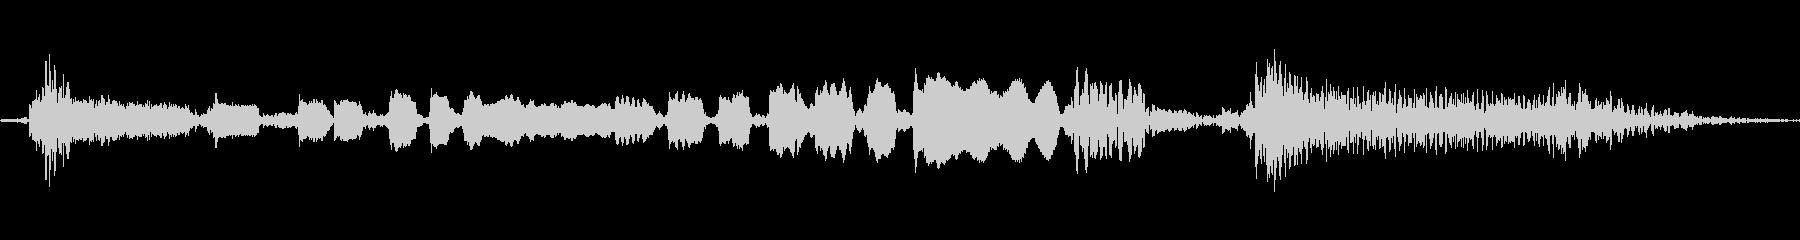 【エレキギター・リフ】ブルース風の未再生の波形